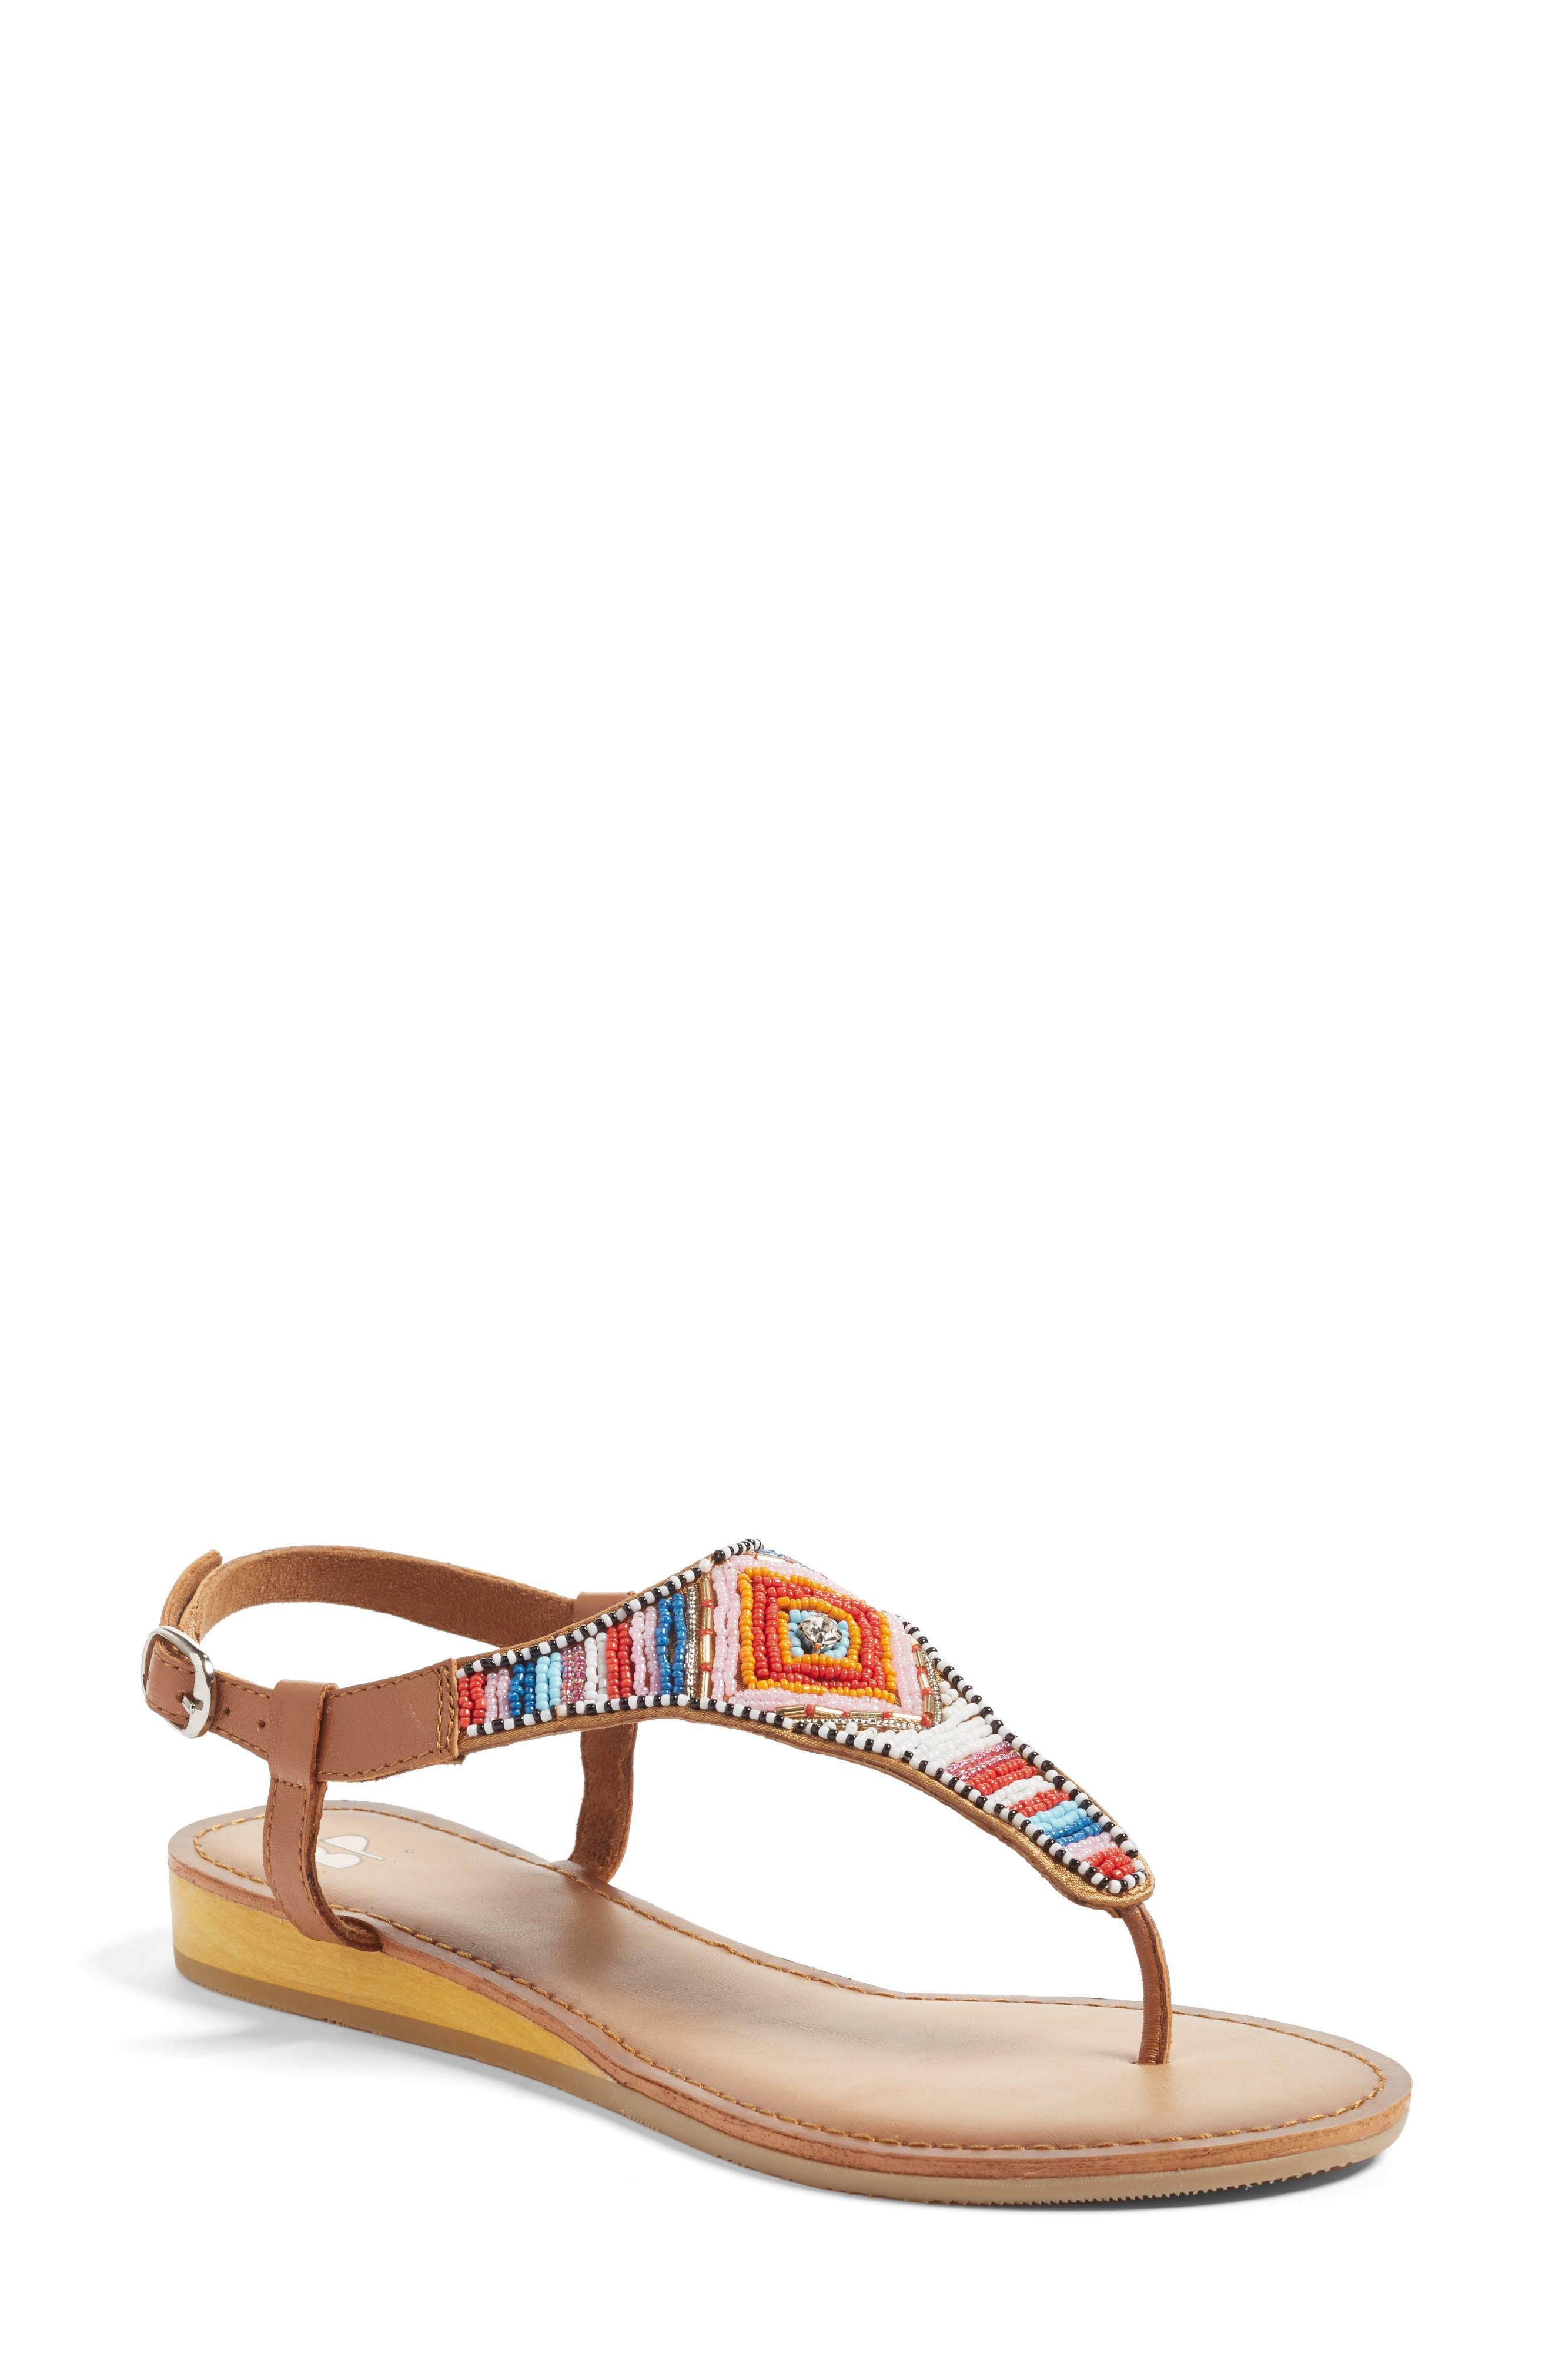 BP. Zandra Beaded V-Strap Sandal